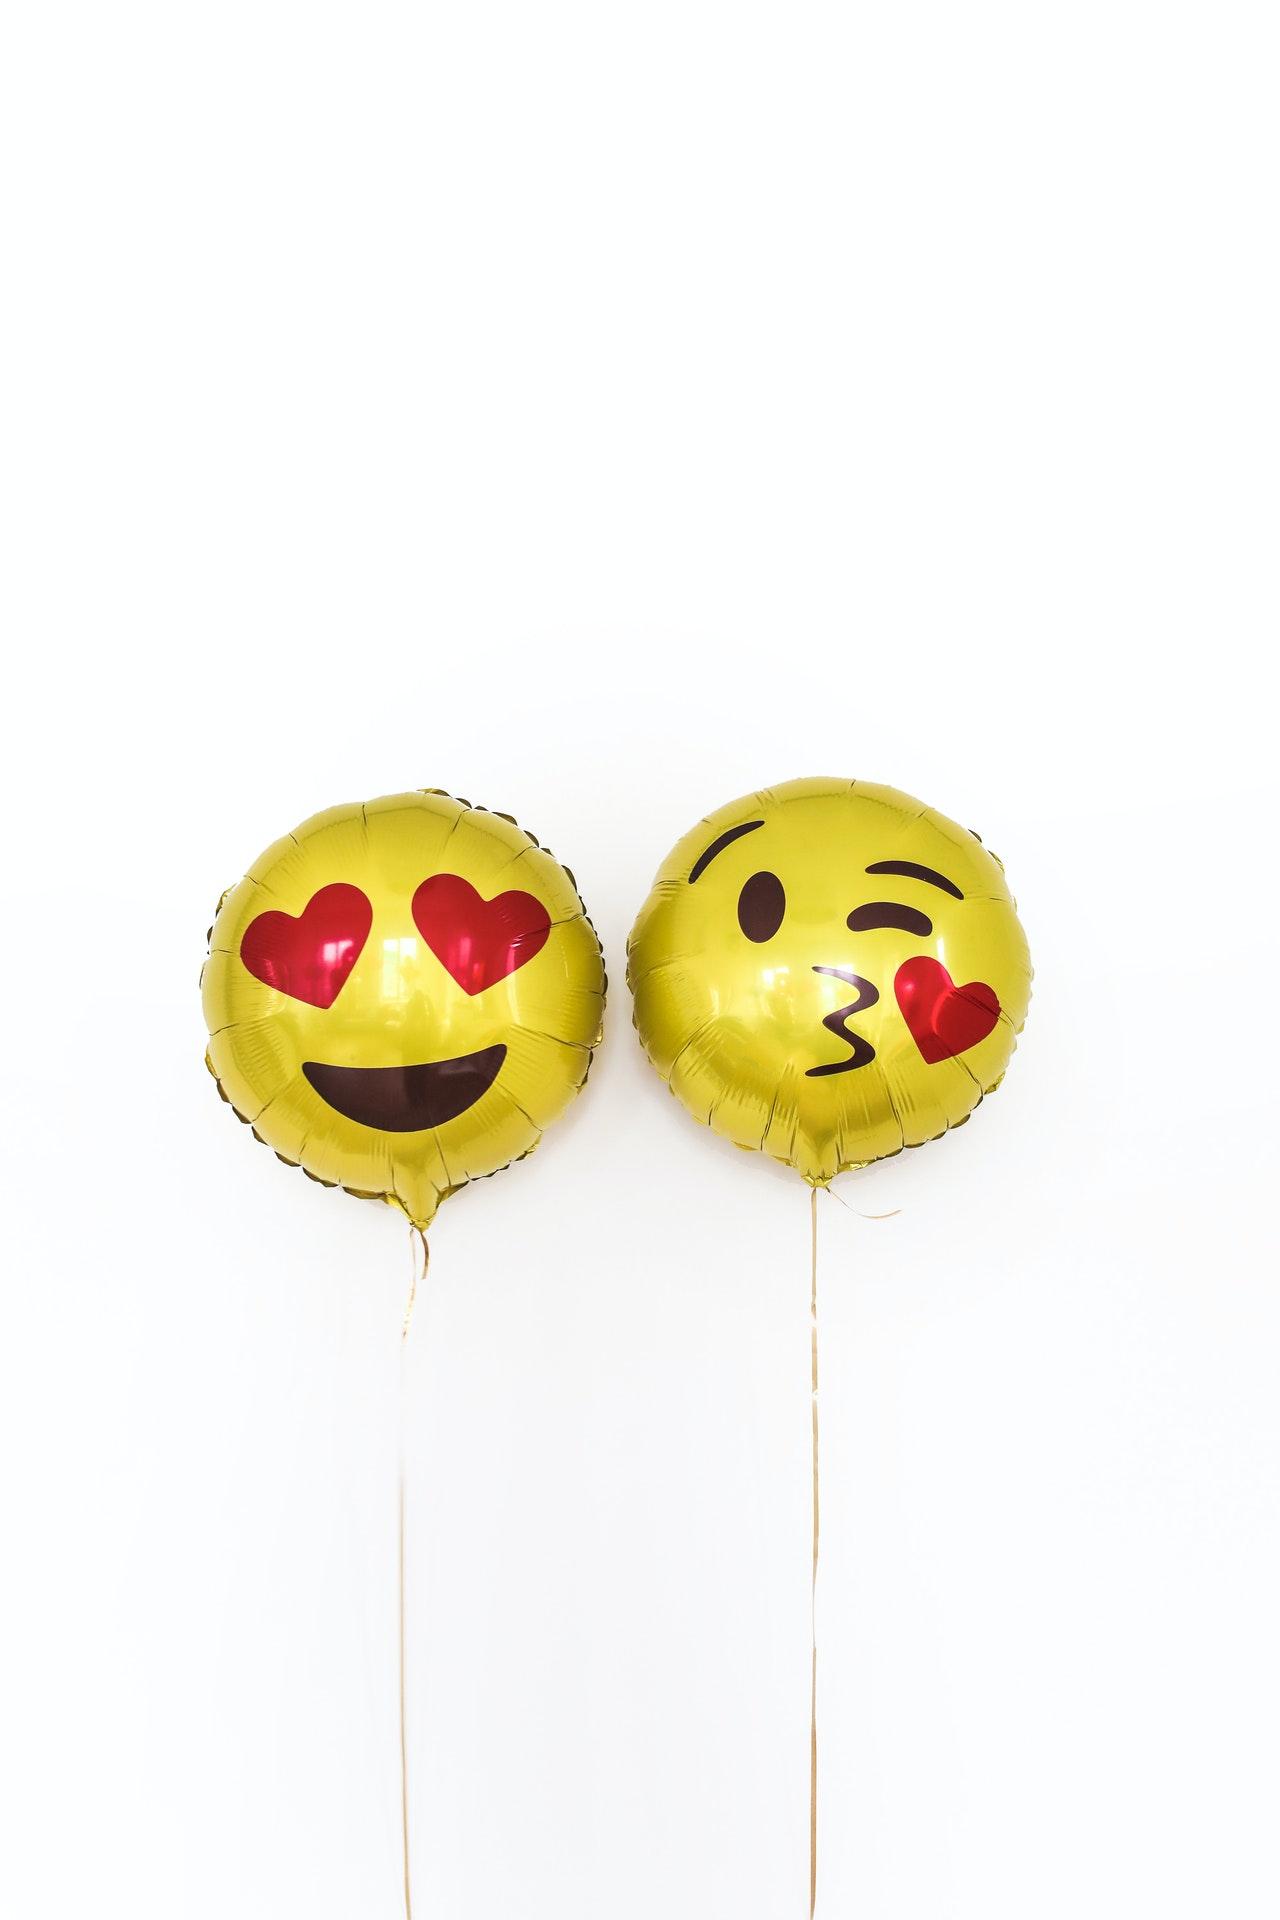 Uso de Emojis en Redes Sociales